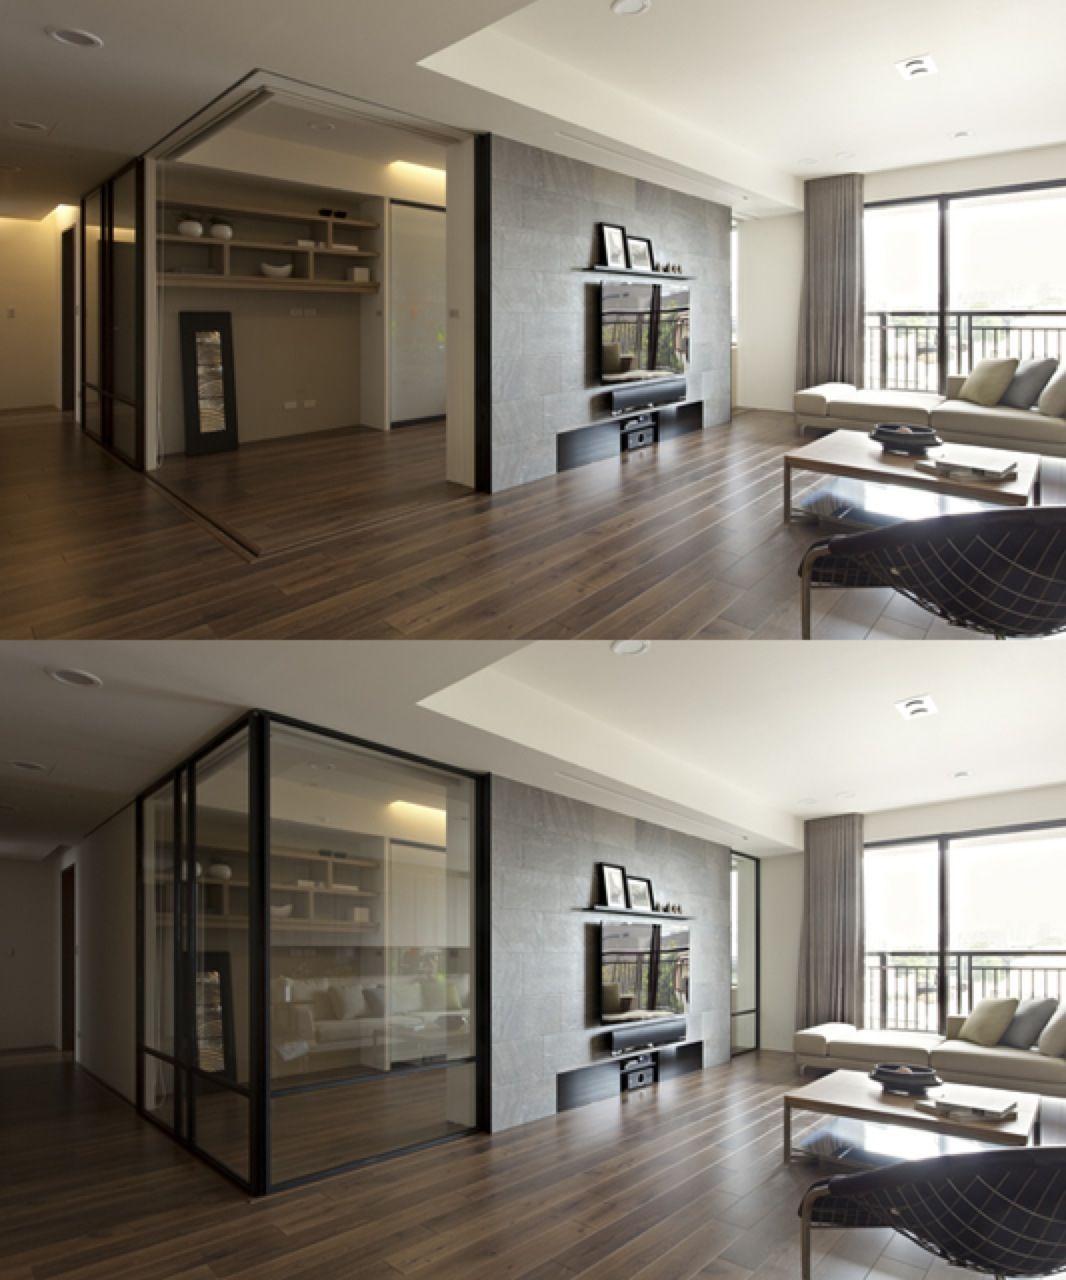 Retractable interior wall